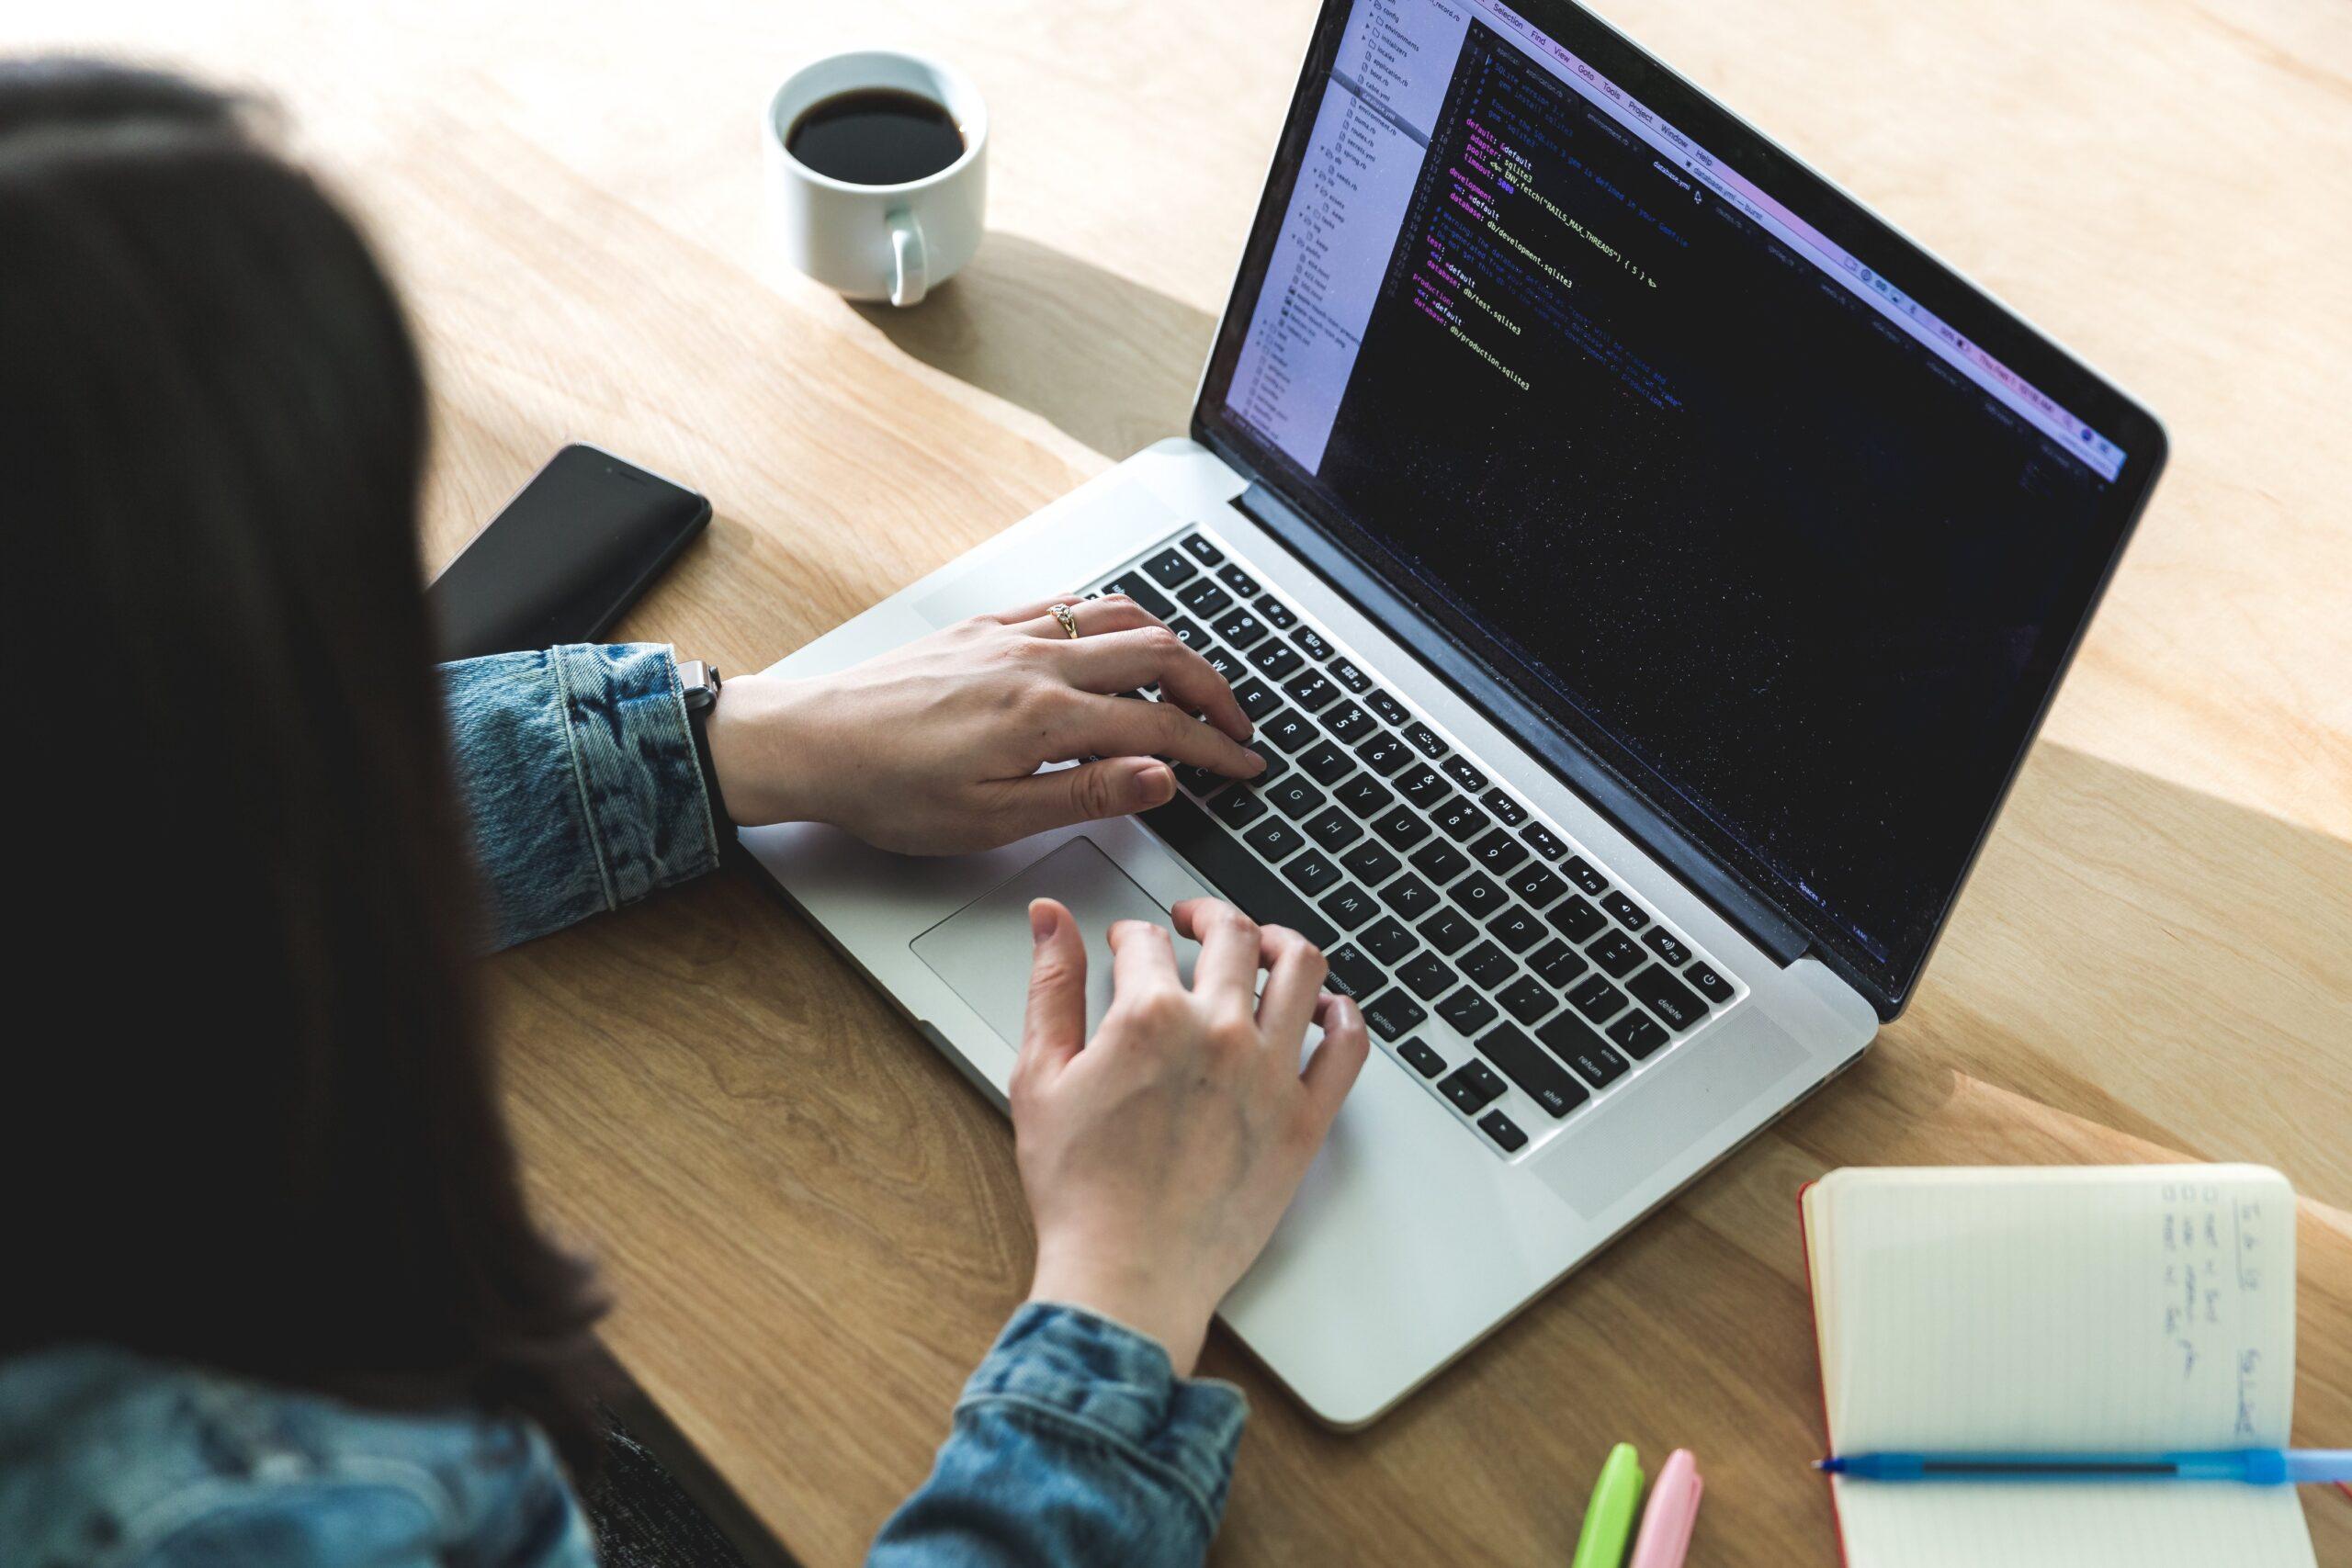 15 мов програмування, знання яких забезпечує найвищі зарплати в IT - tech, developers, news, career